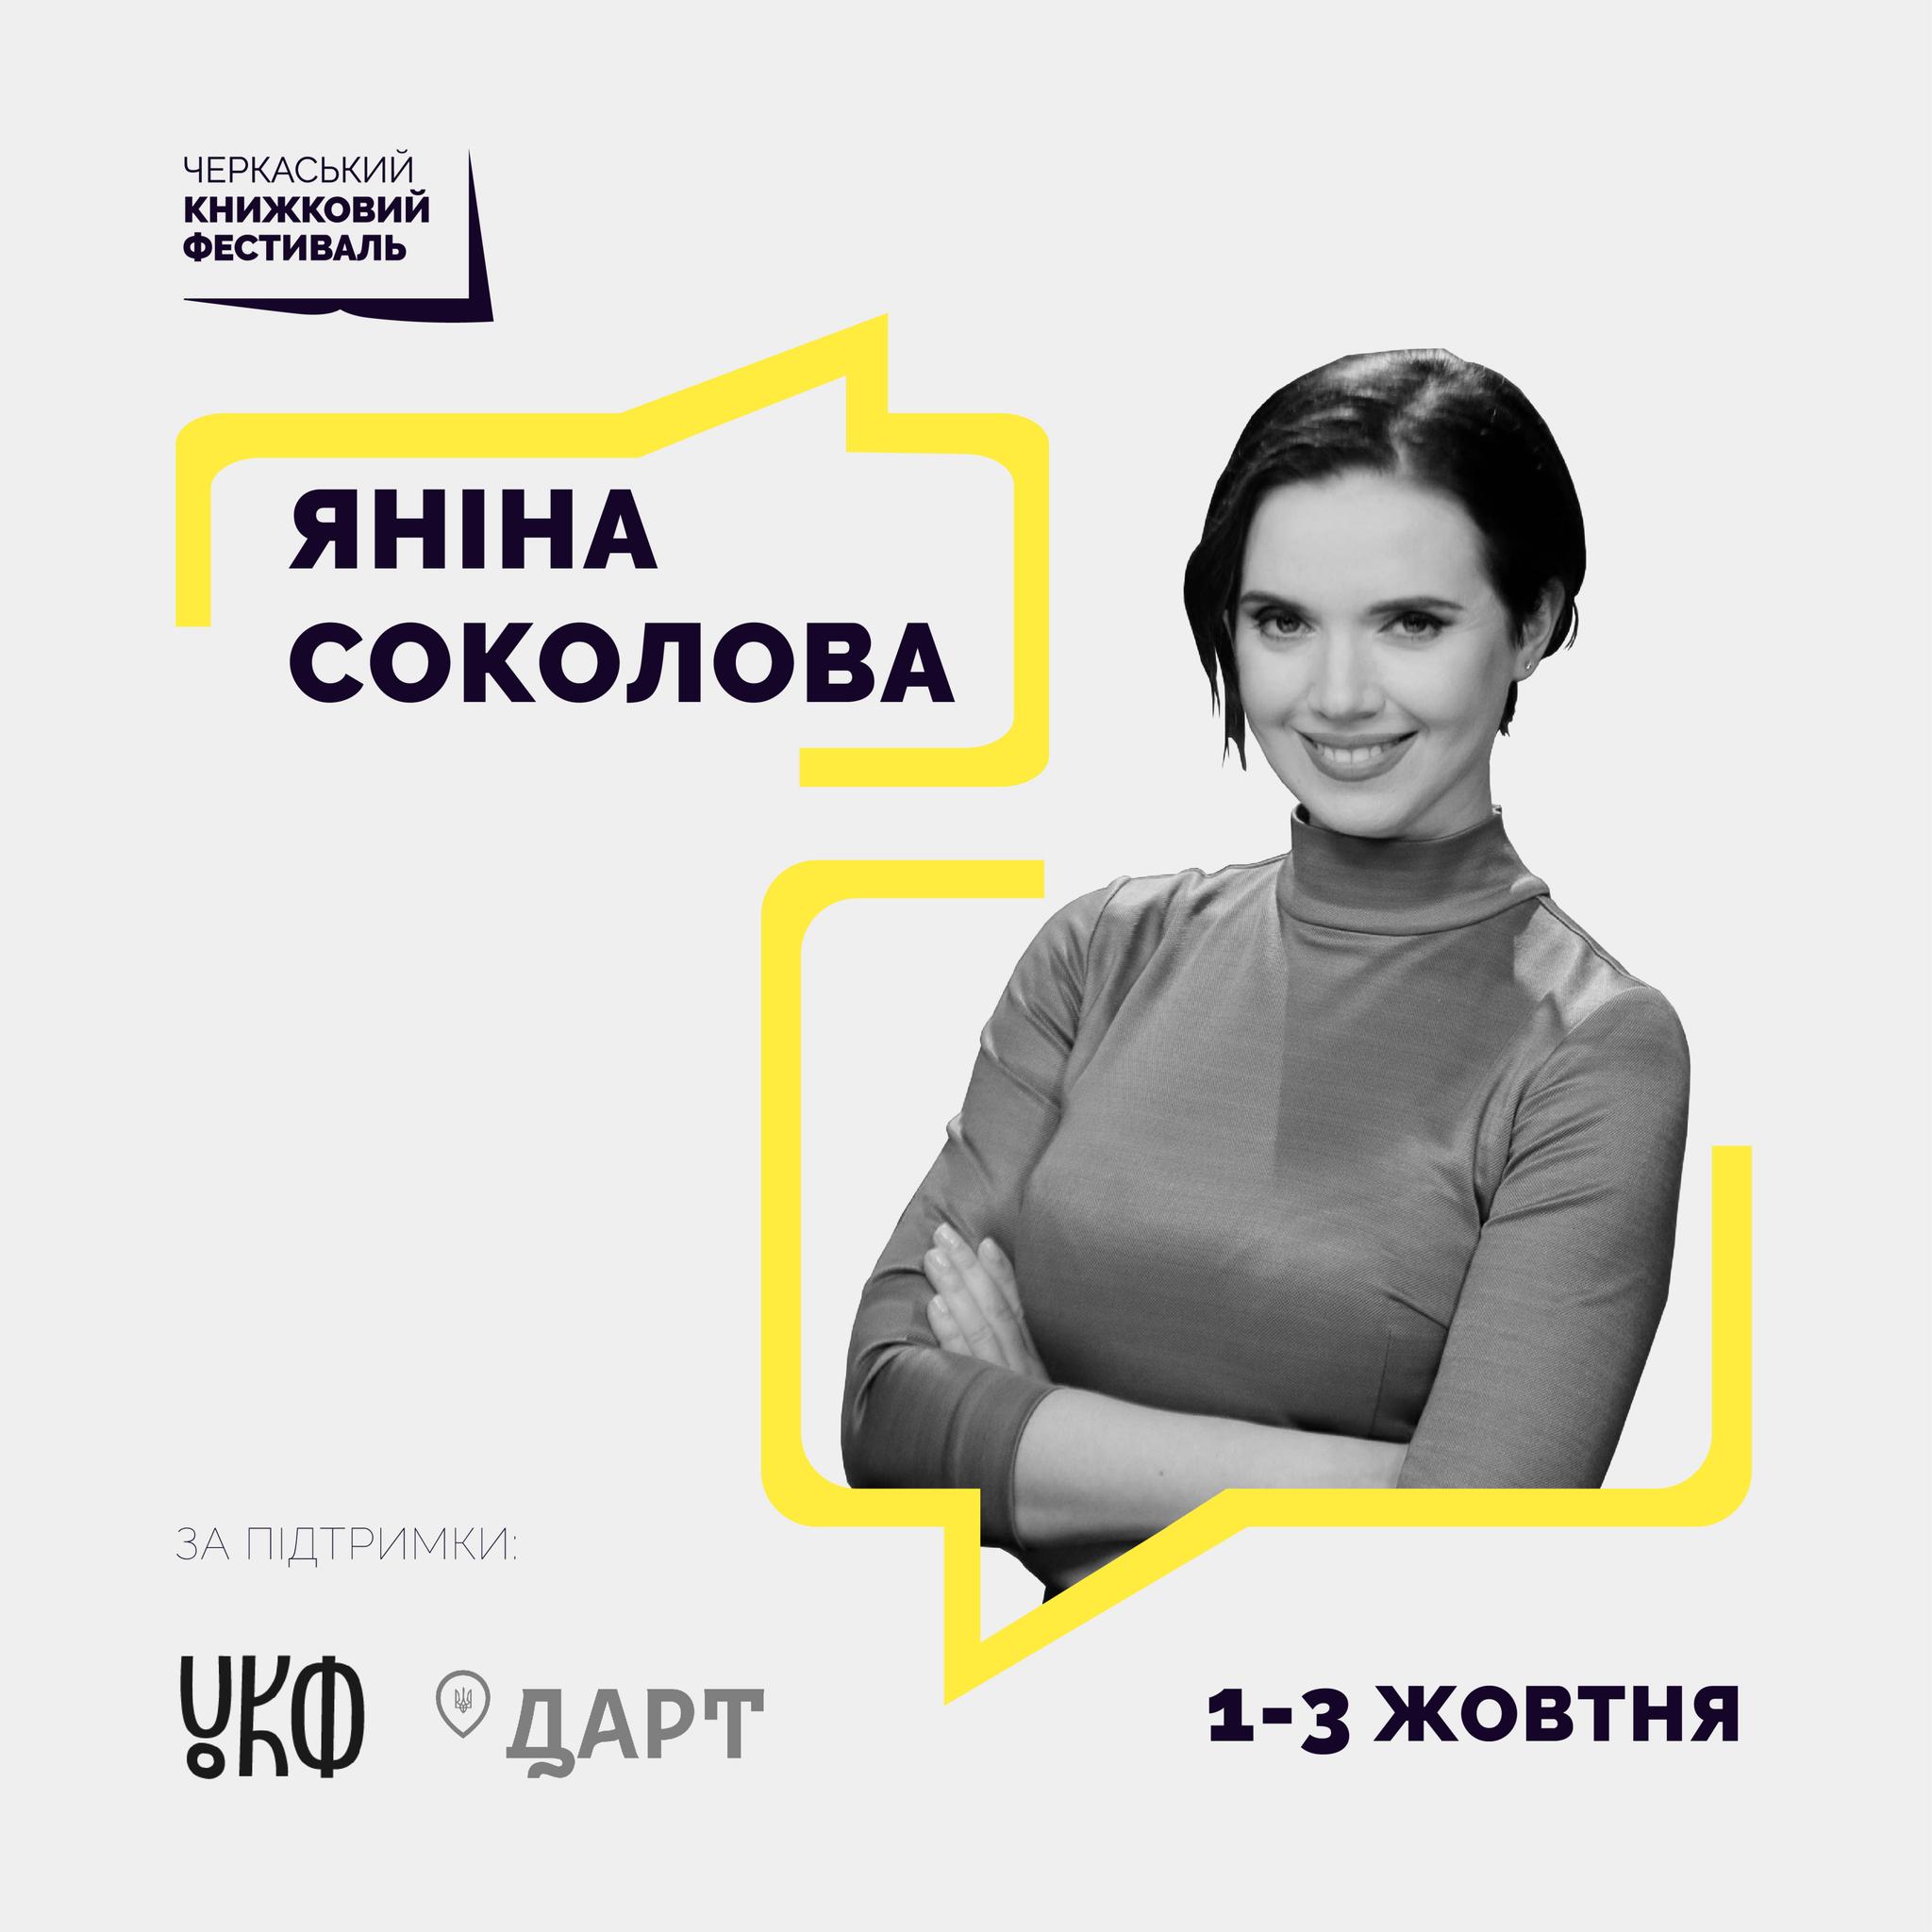 Черкаський книжковий фестиваль оголосив першого гостя